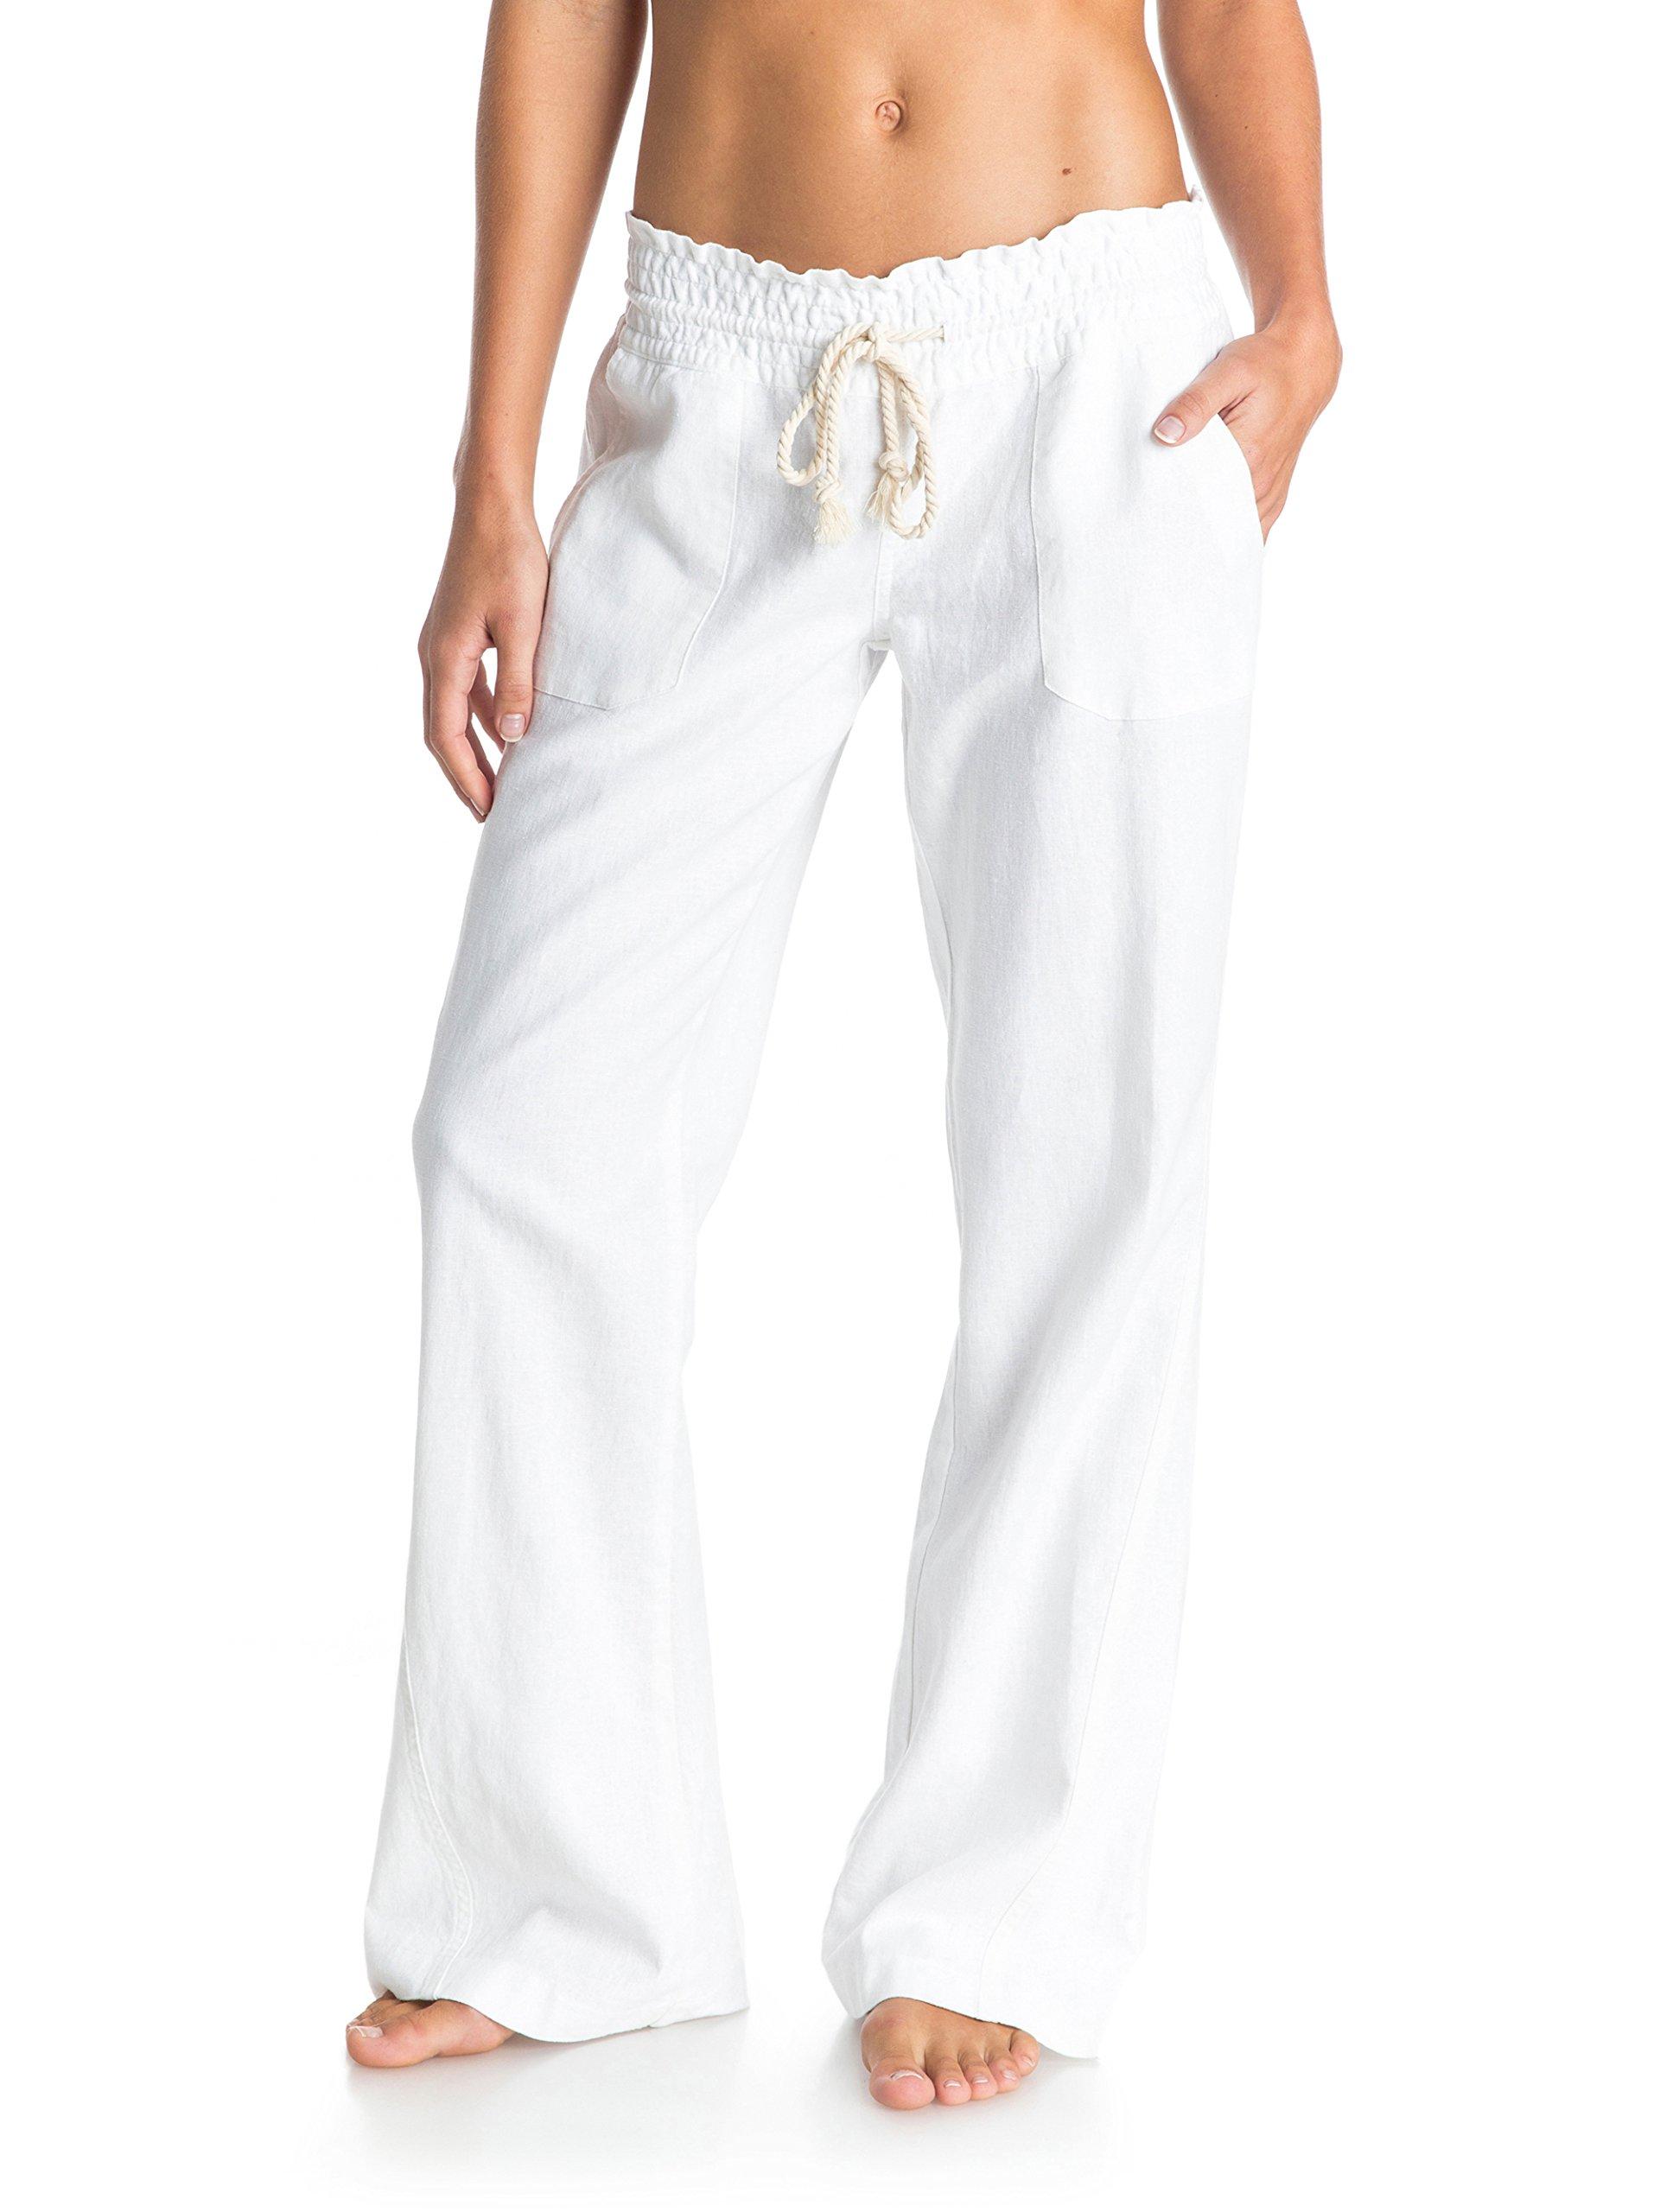 Roxy Oceanside Pantalón De Lino con Pata Ancha, Mujer